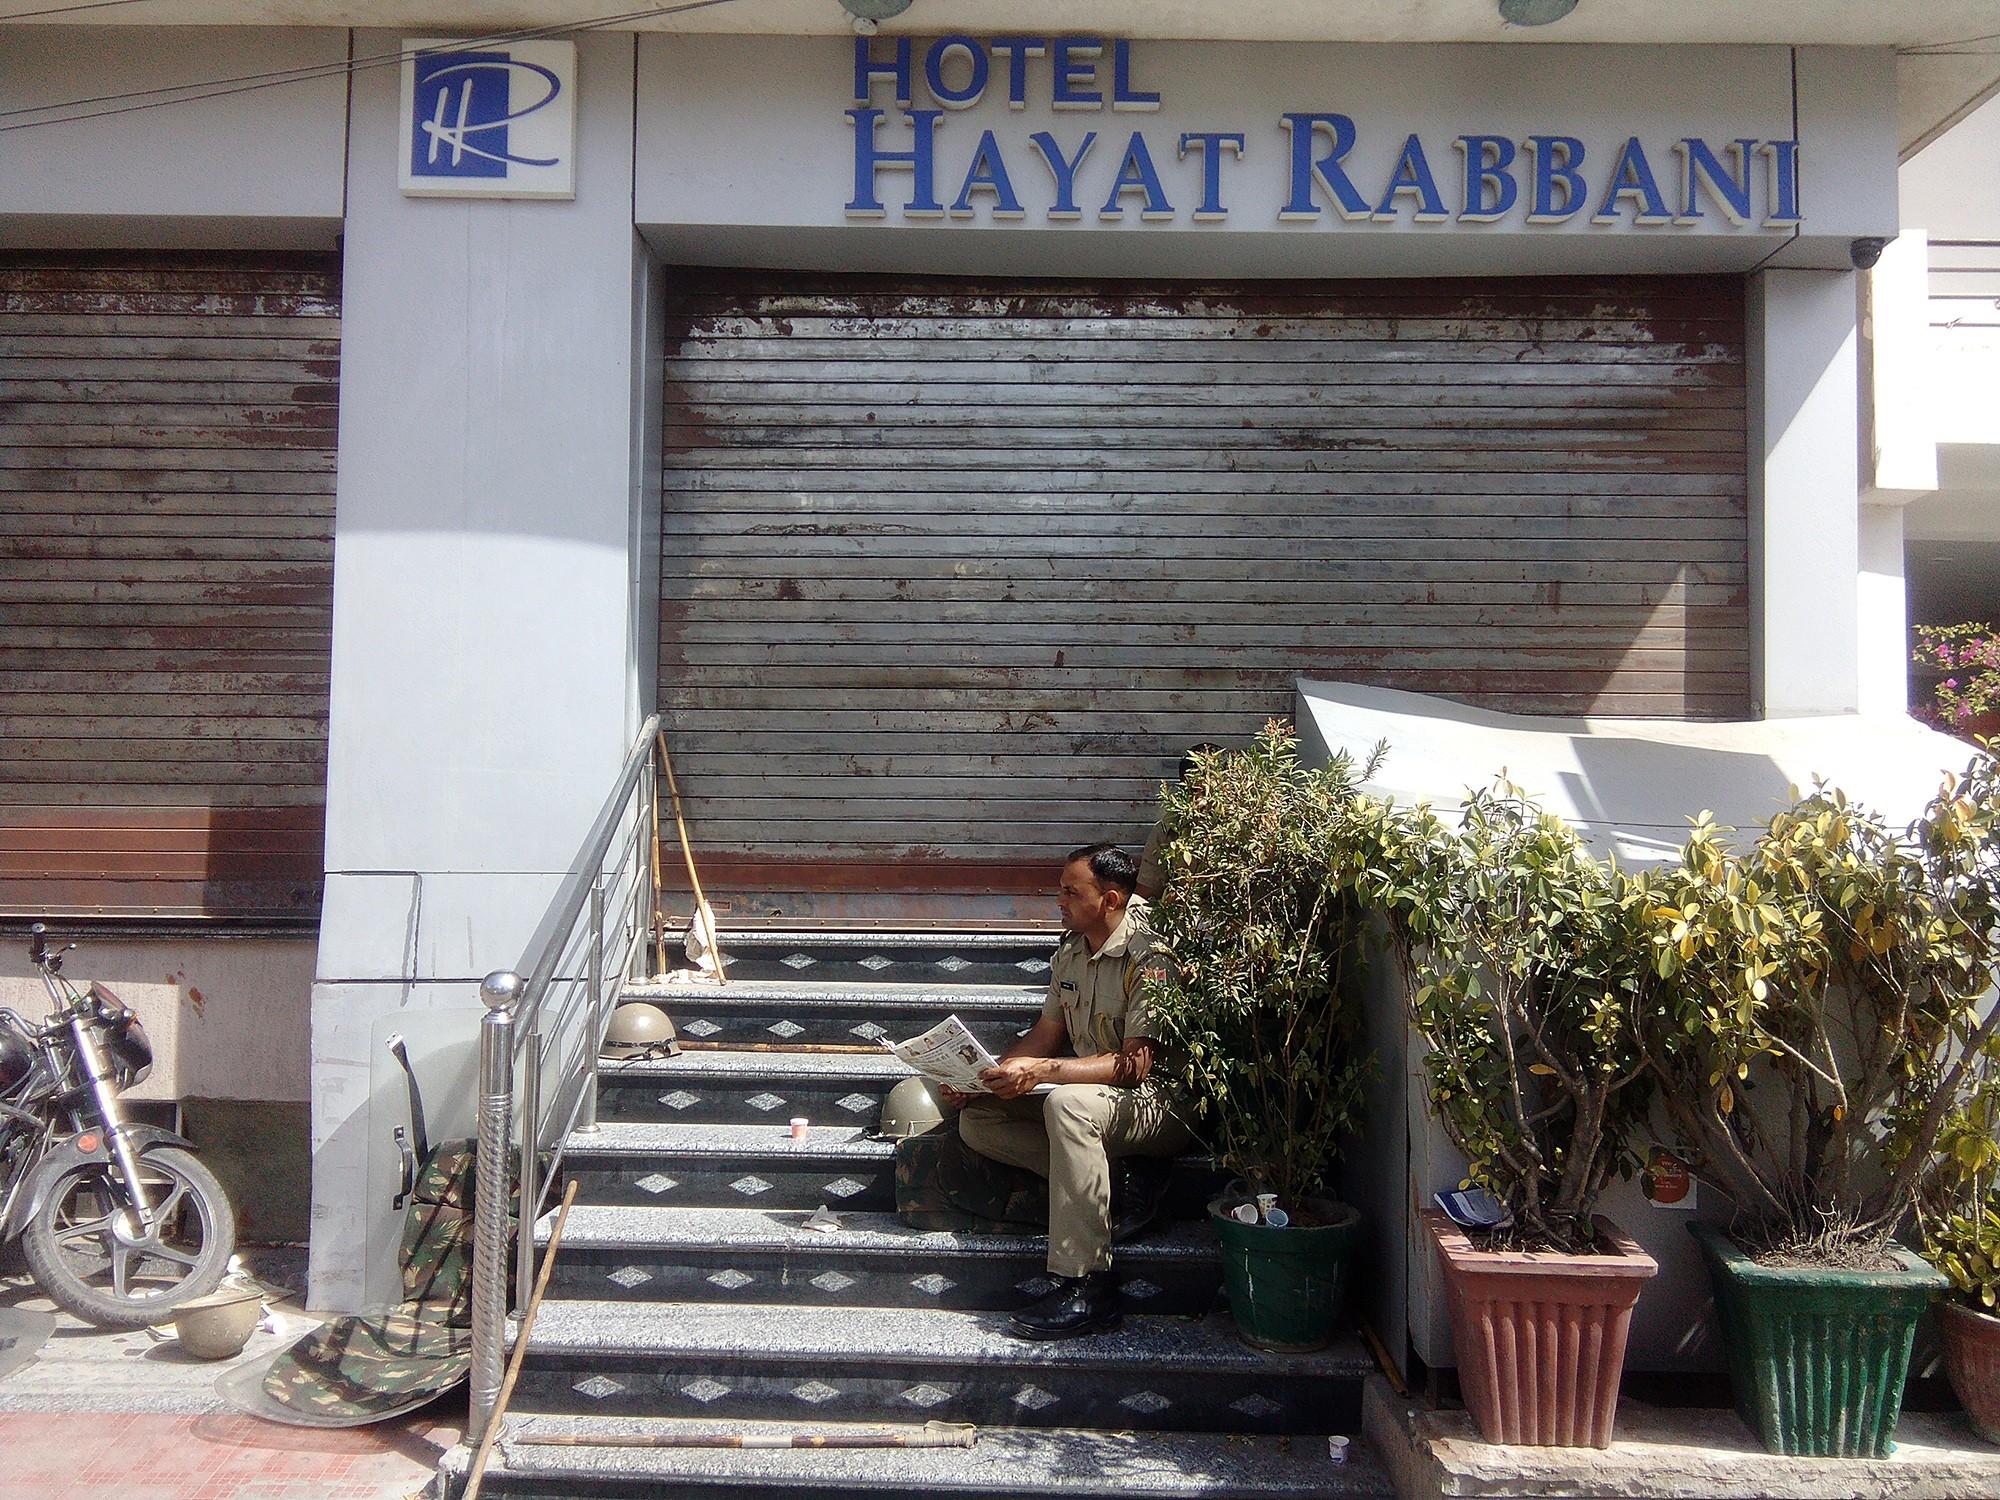 Hotel Hayat Rabbani in Jaipur was shut down for months after the episode in March. Photo: Abhishek Dey